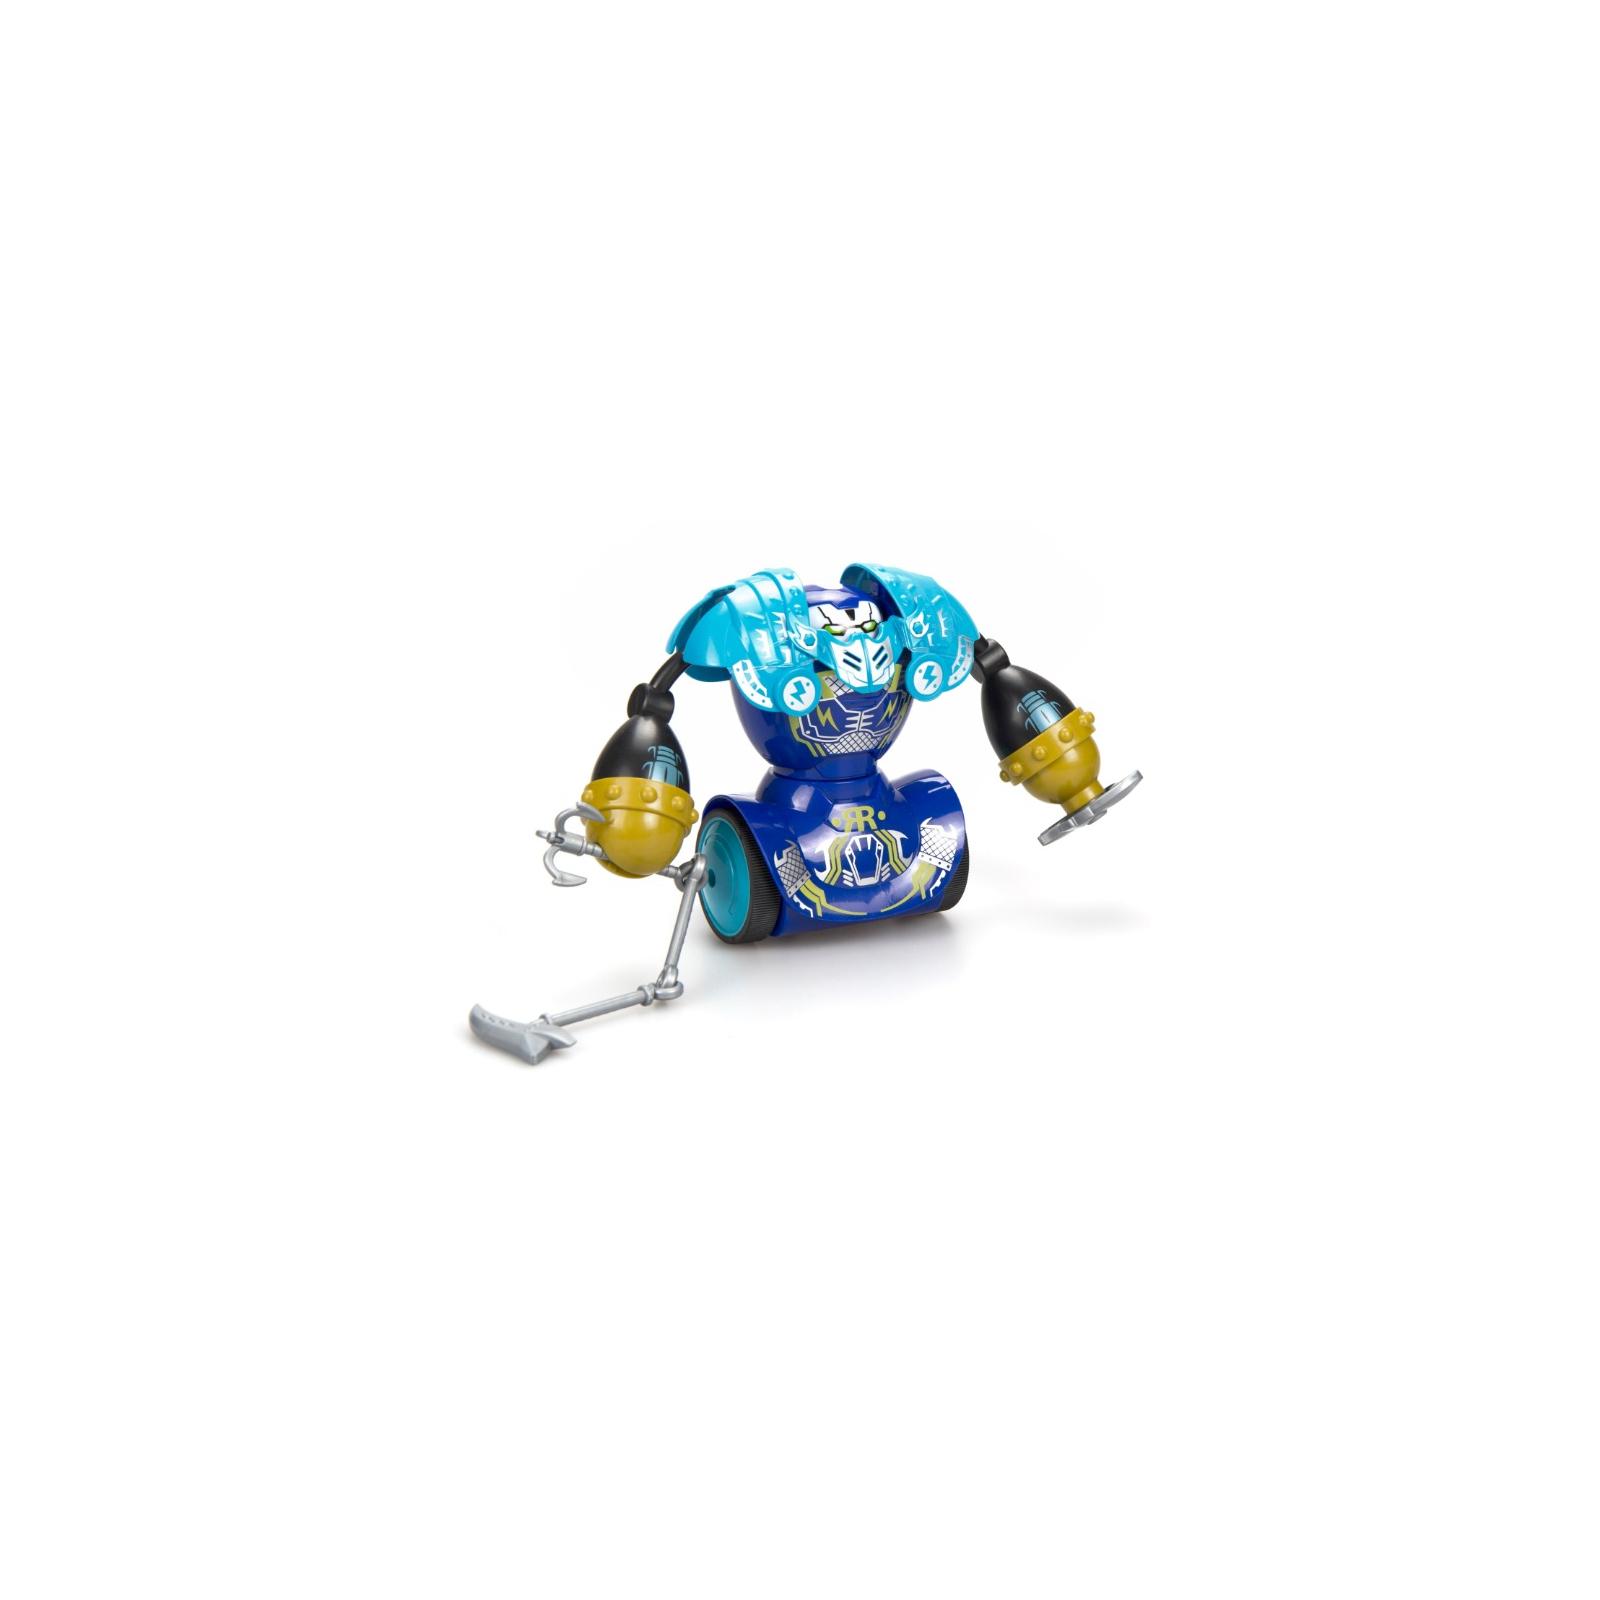 Интерактивная игрушка Silverlit Роботы-самураи (88056) изображение 5